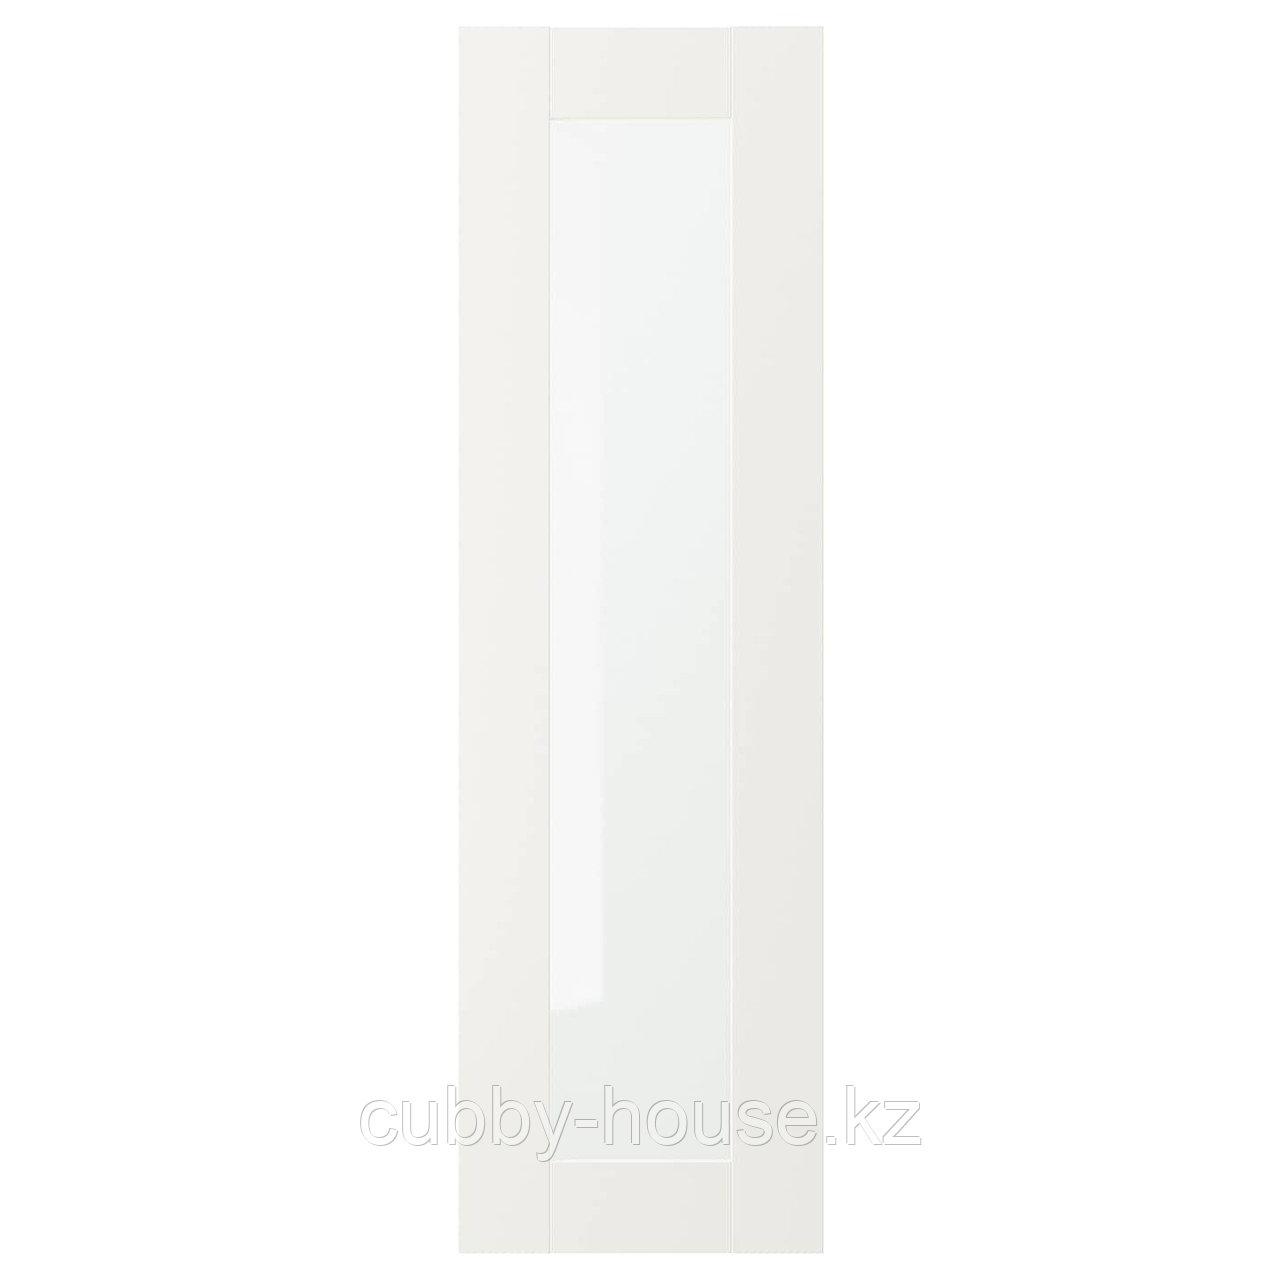 СЭВЕДАЛЬ Стеклянная дверь, белый, 30x60 см